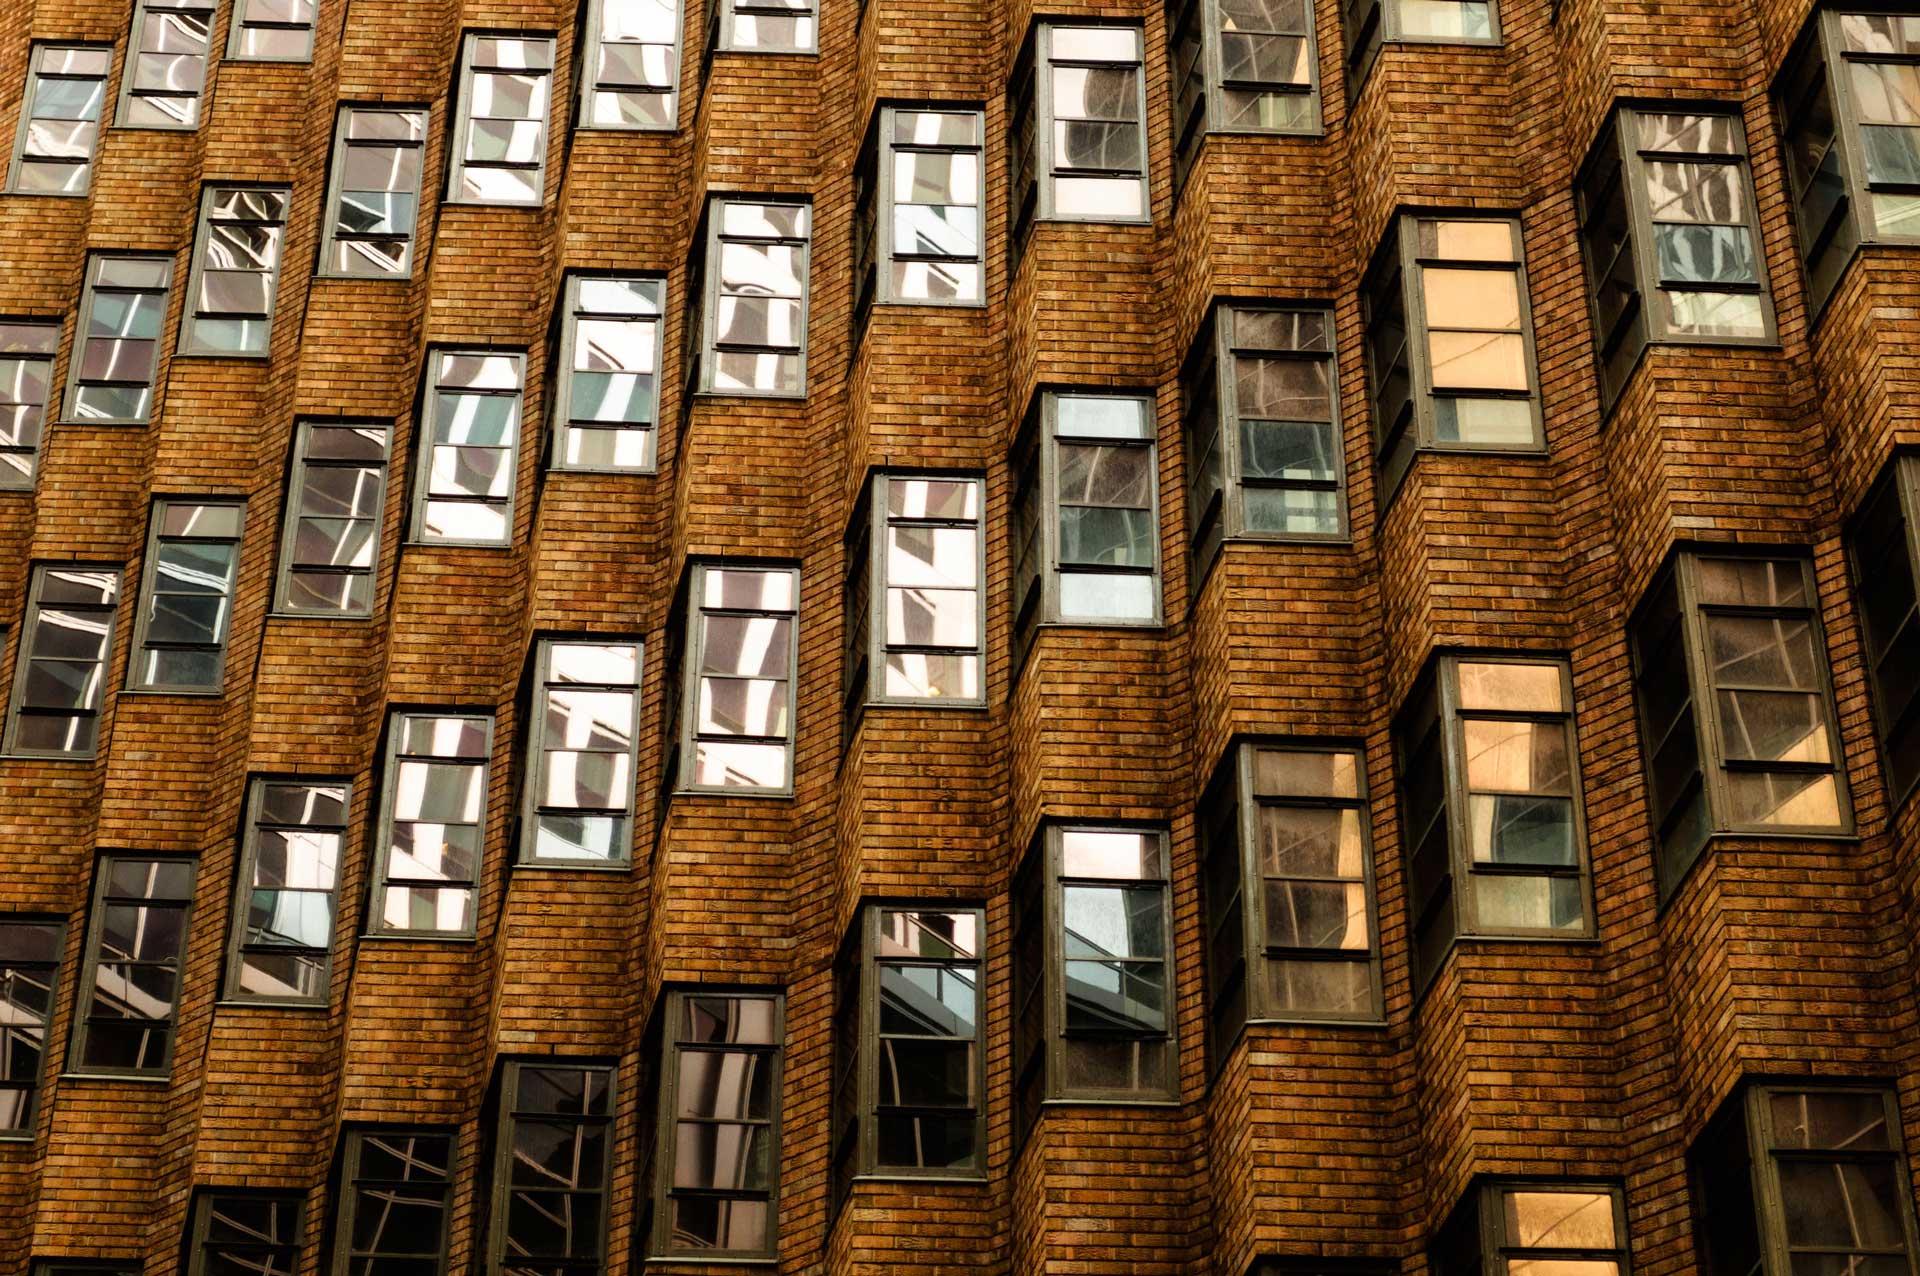 Double Glazed Windows, Warwick